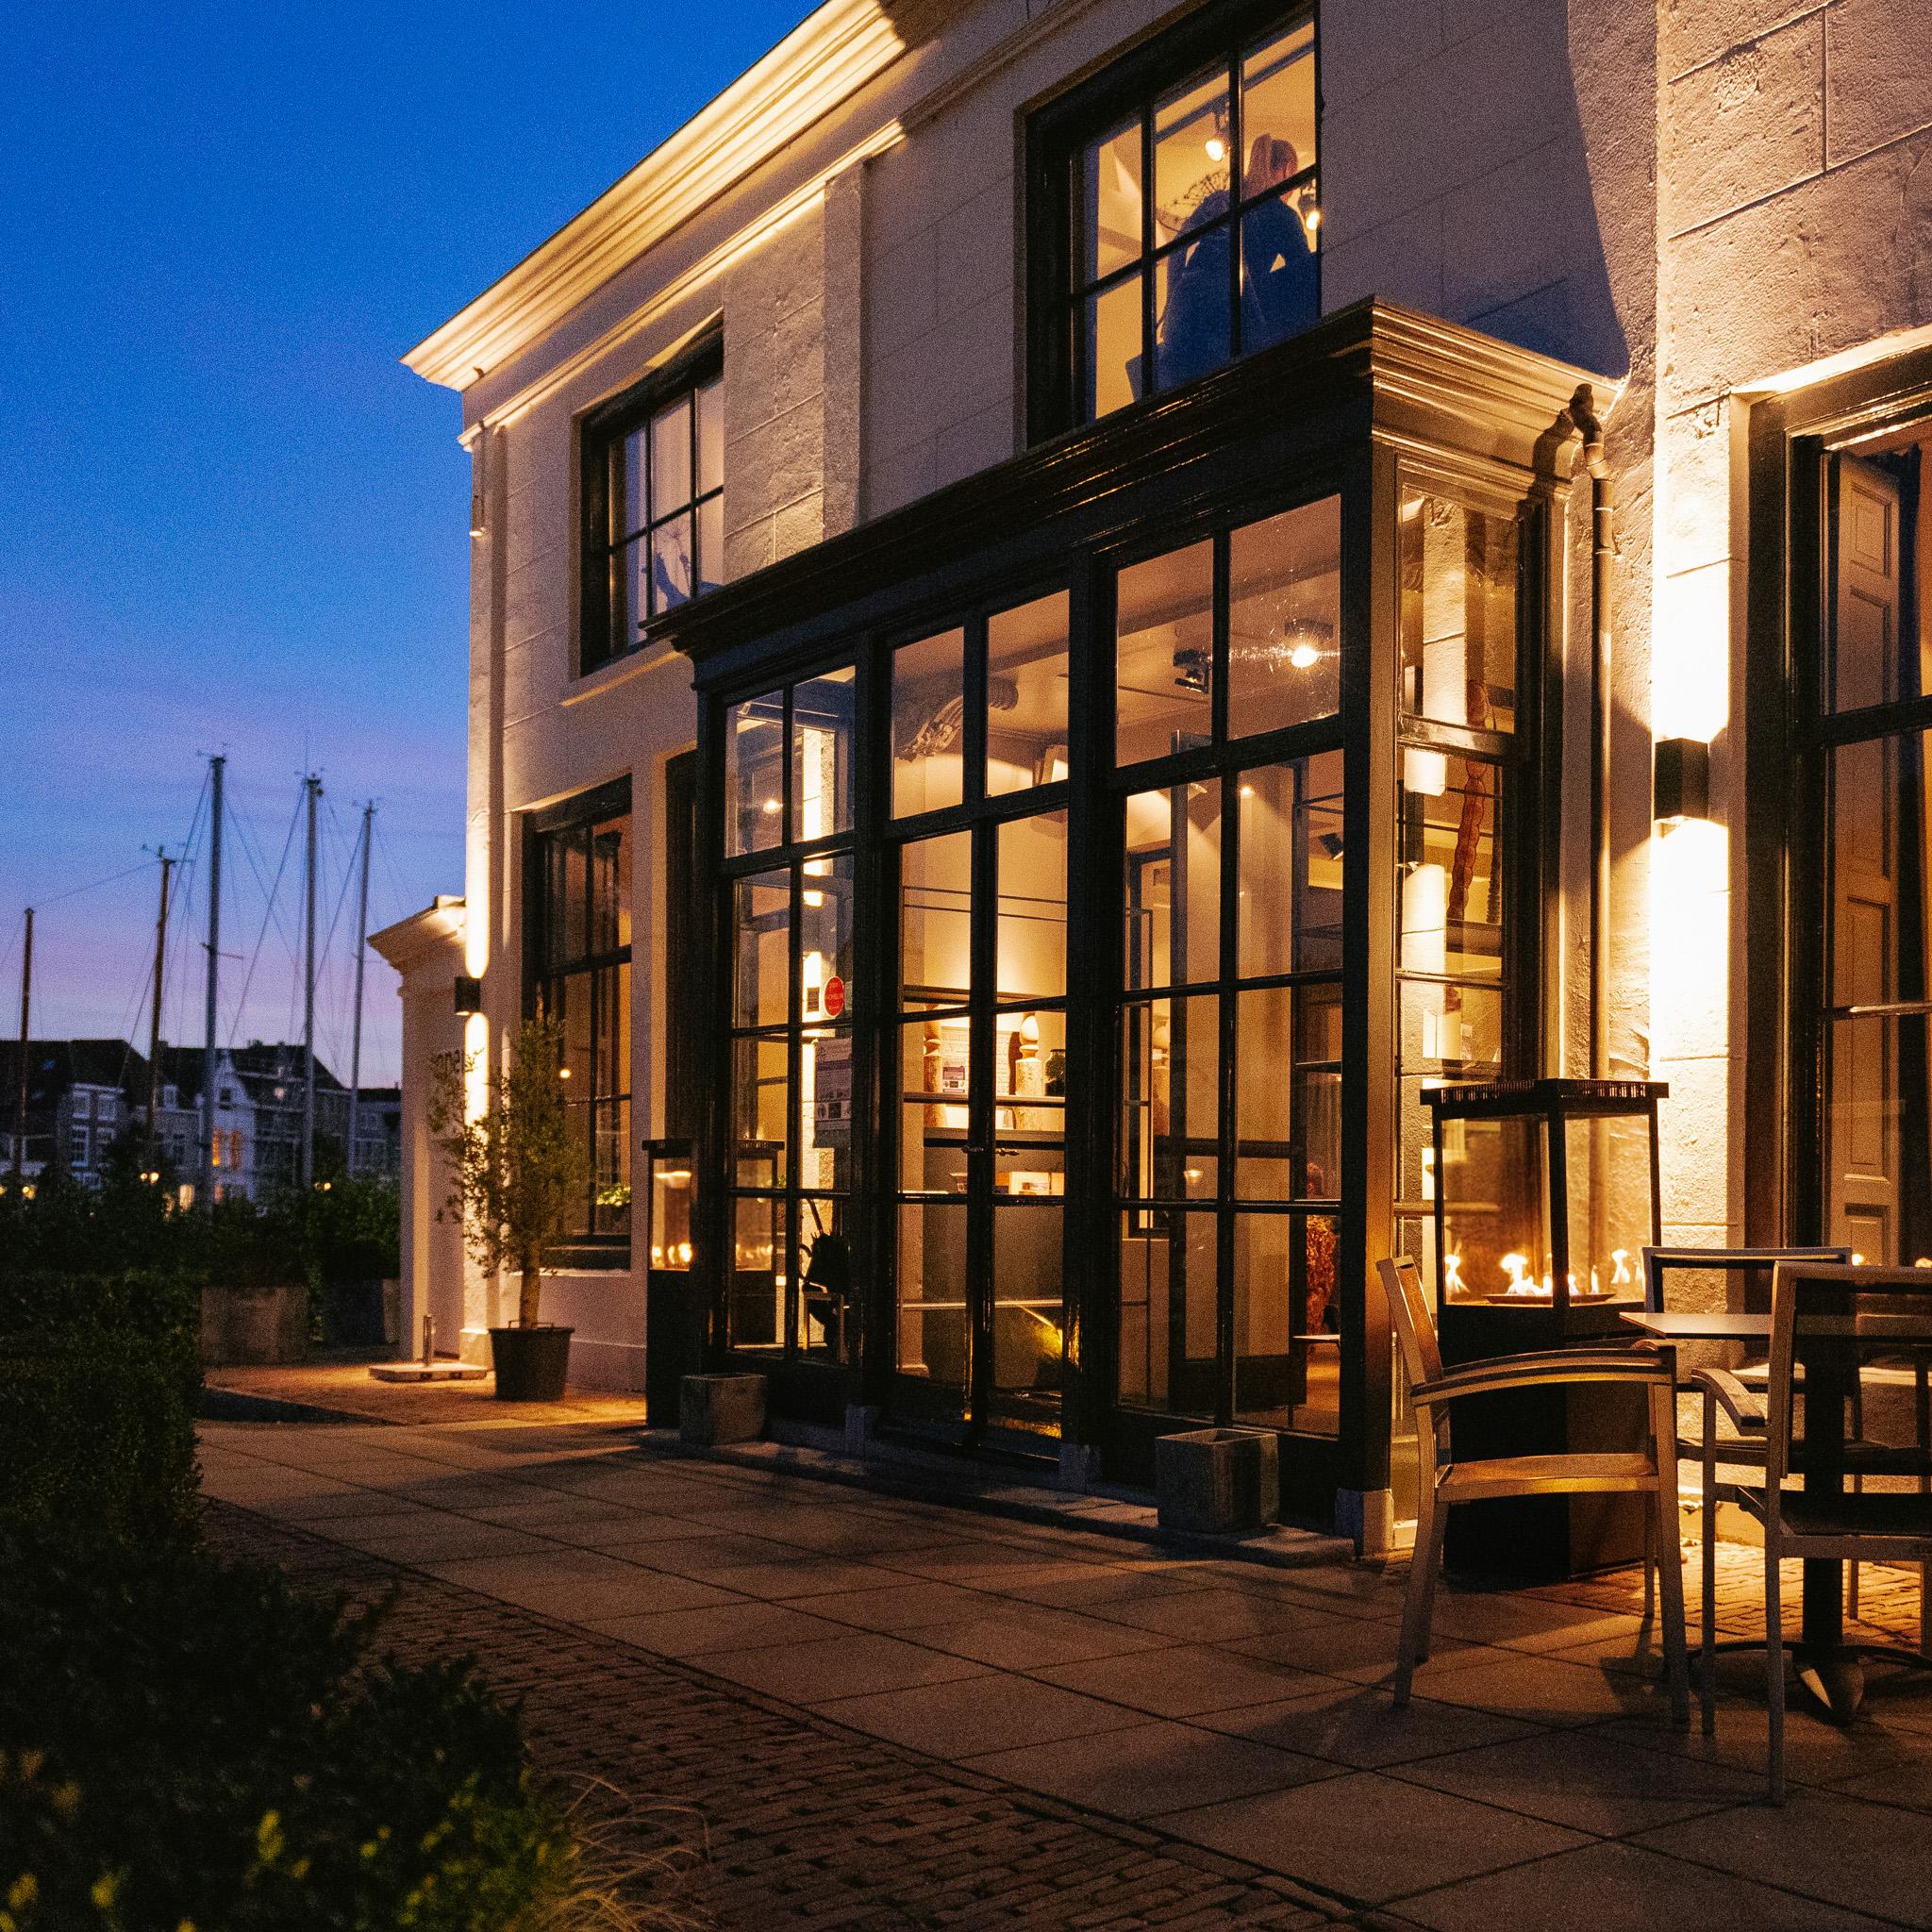 Marino terrashaard op het terras bij Restaurant De Werf in Veere, Nederland